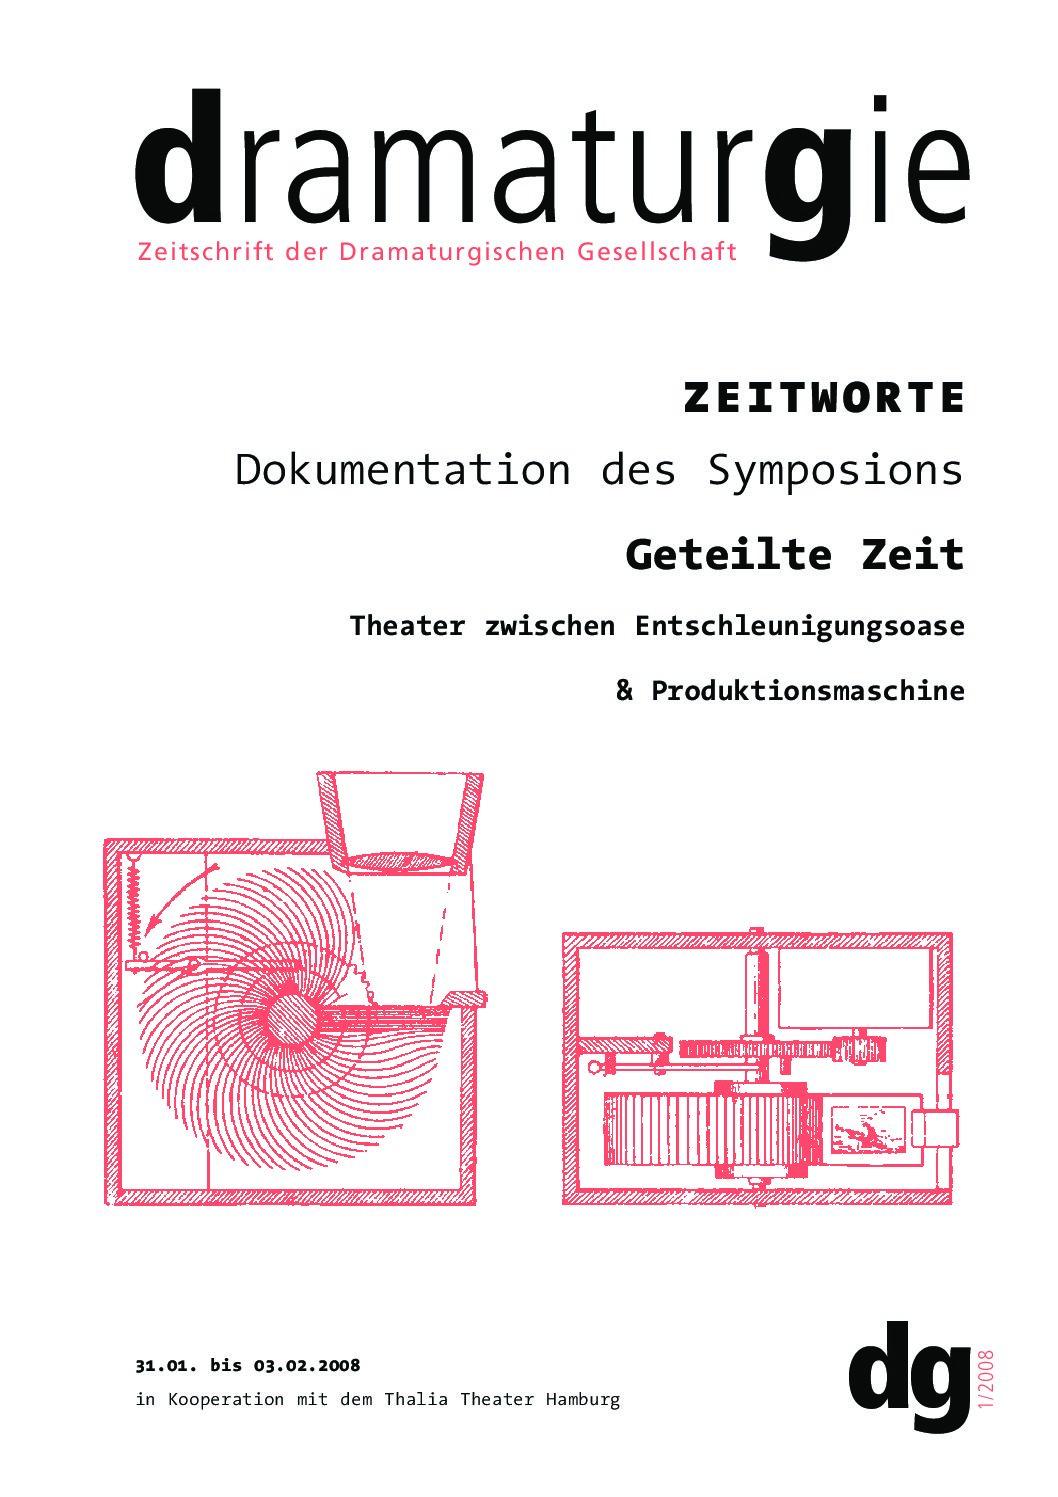 Thumbnail zum PDF: Dramaturgie 2008/1<br /> Geteilte Zeit. Theater zwischen Entschleunigungsoase & Produktionsmaschine<br />